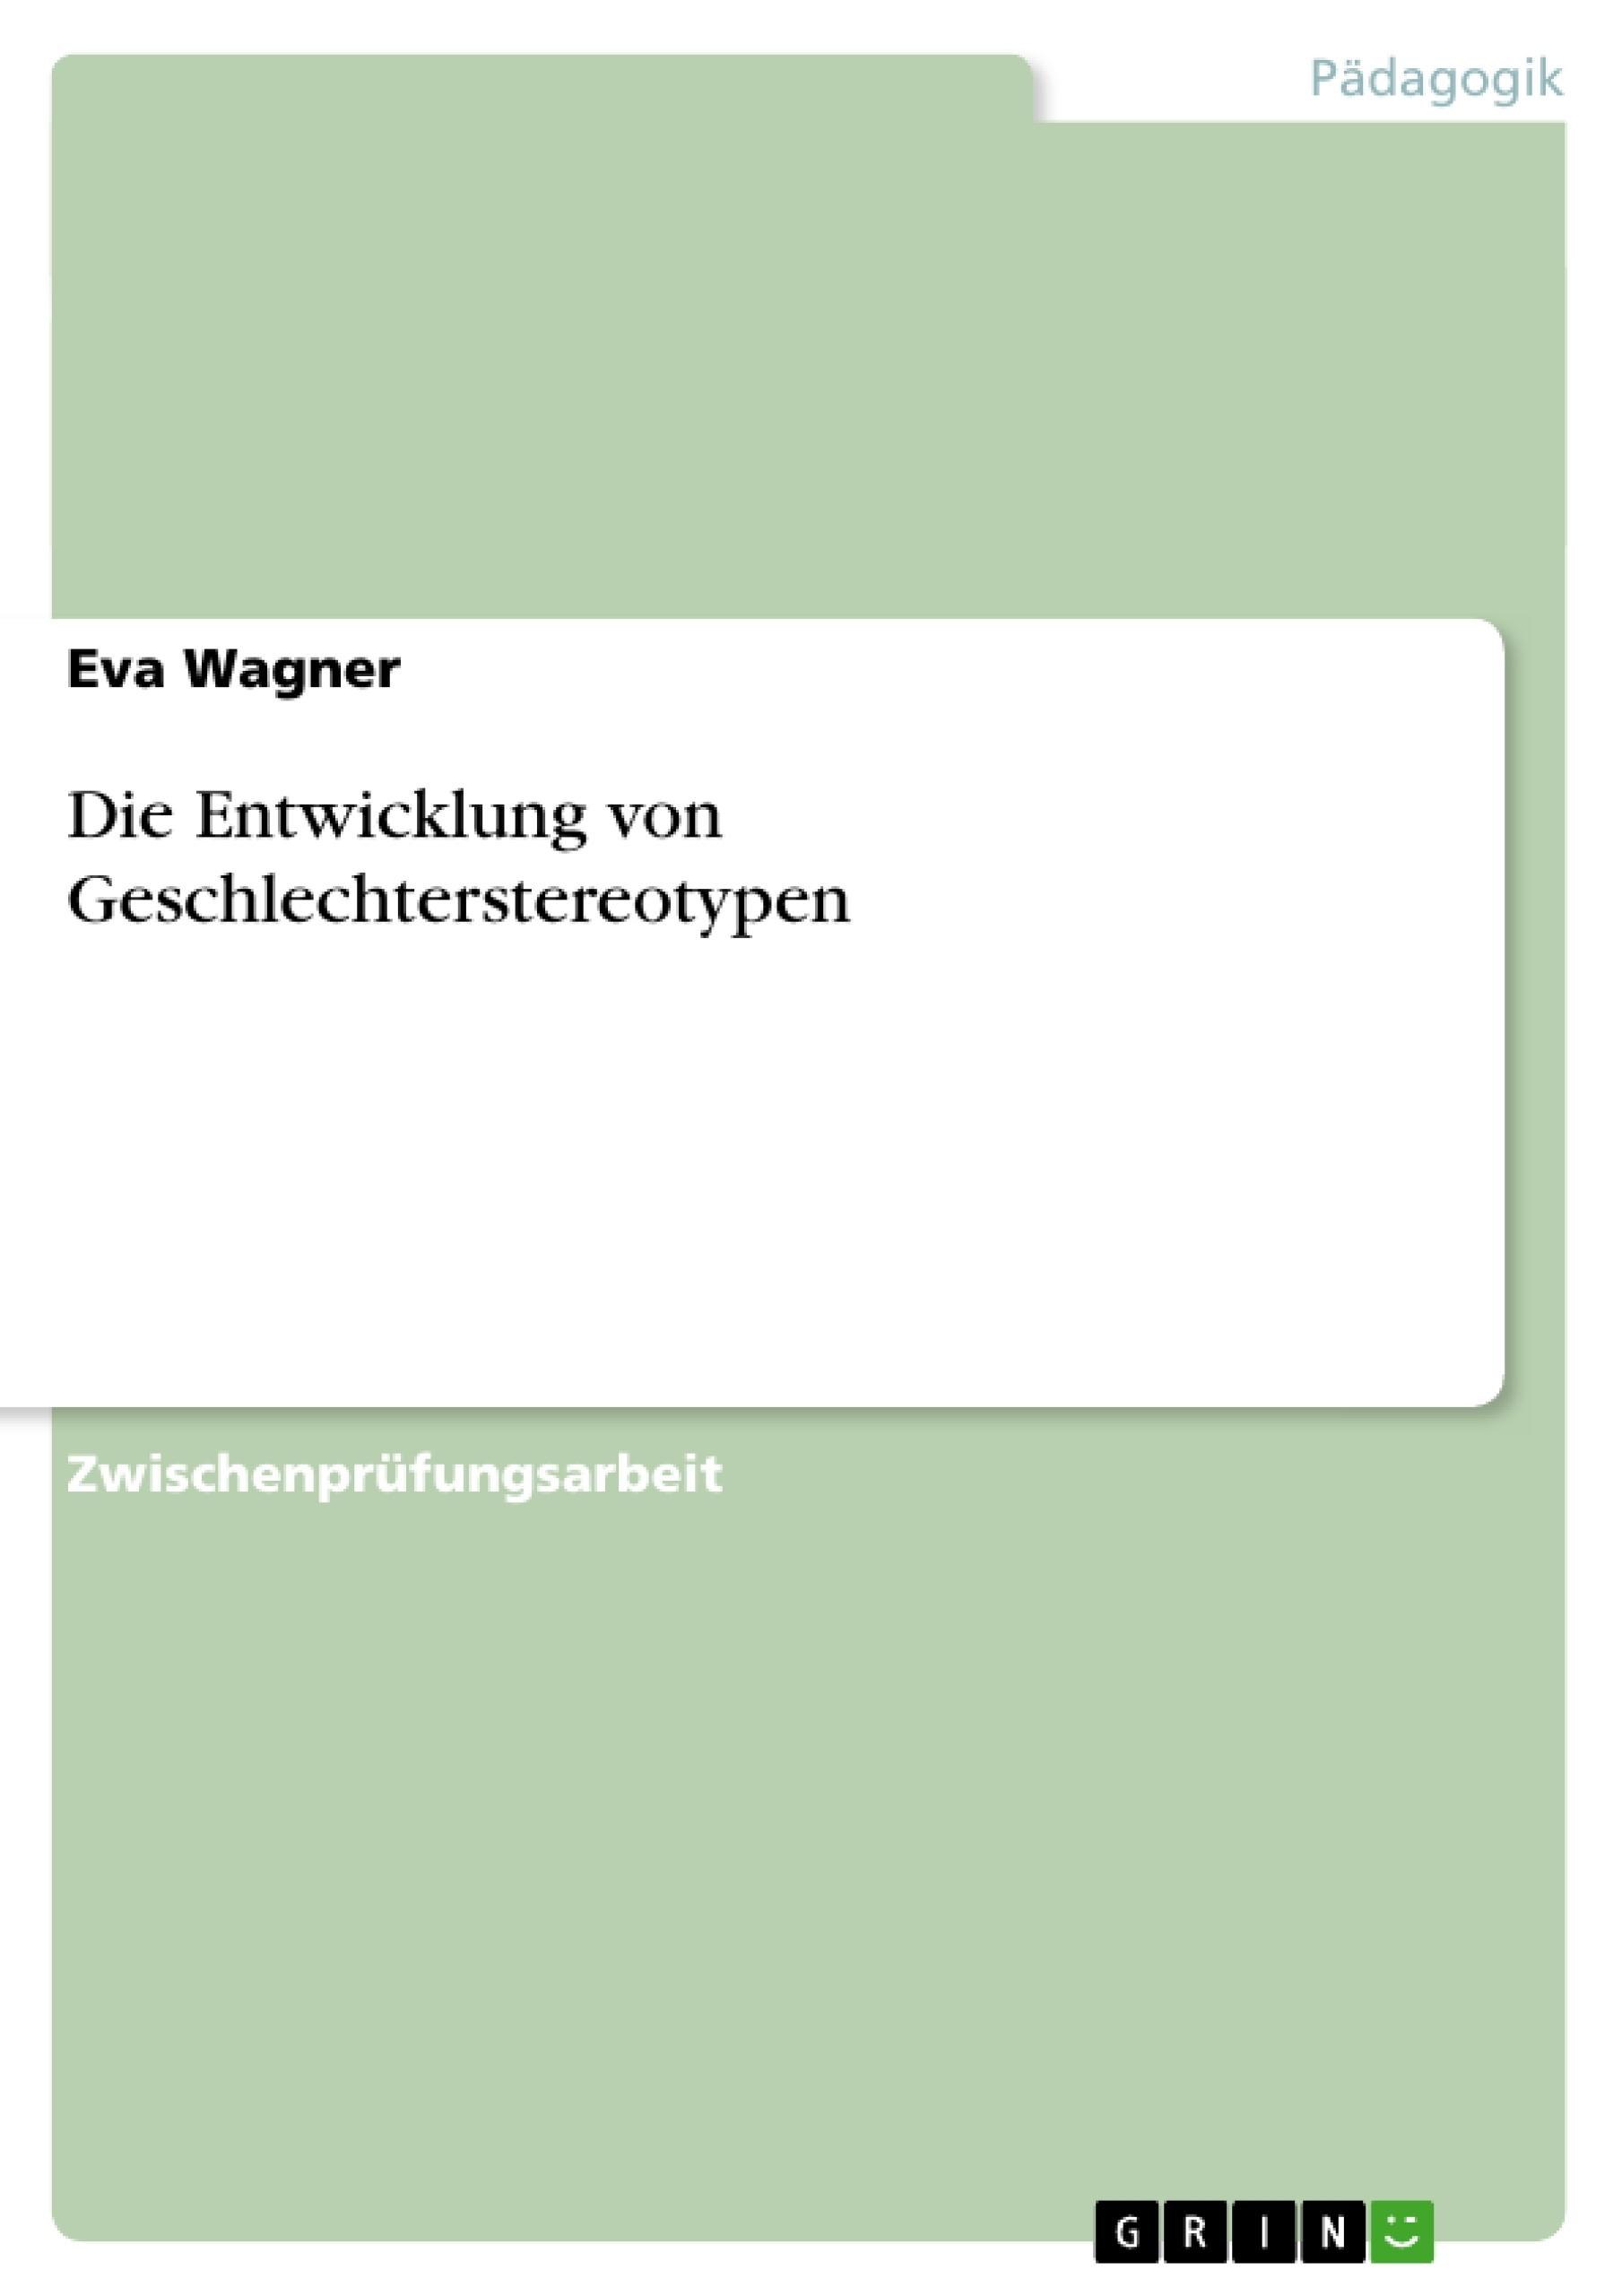 Titel: Die Entwicklung von Geschlechterstereotypen